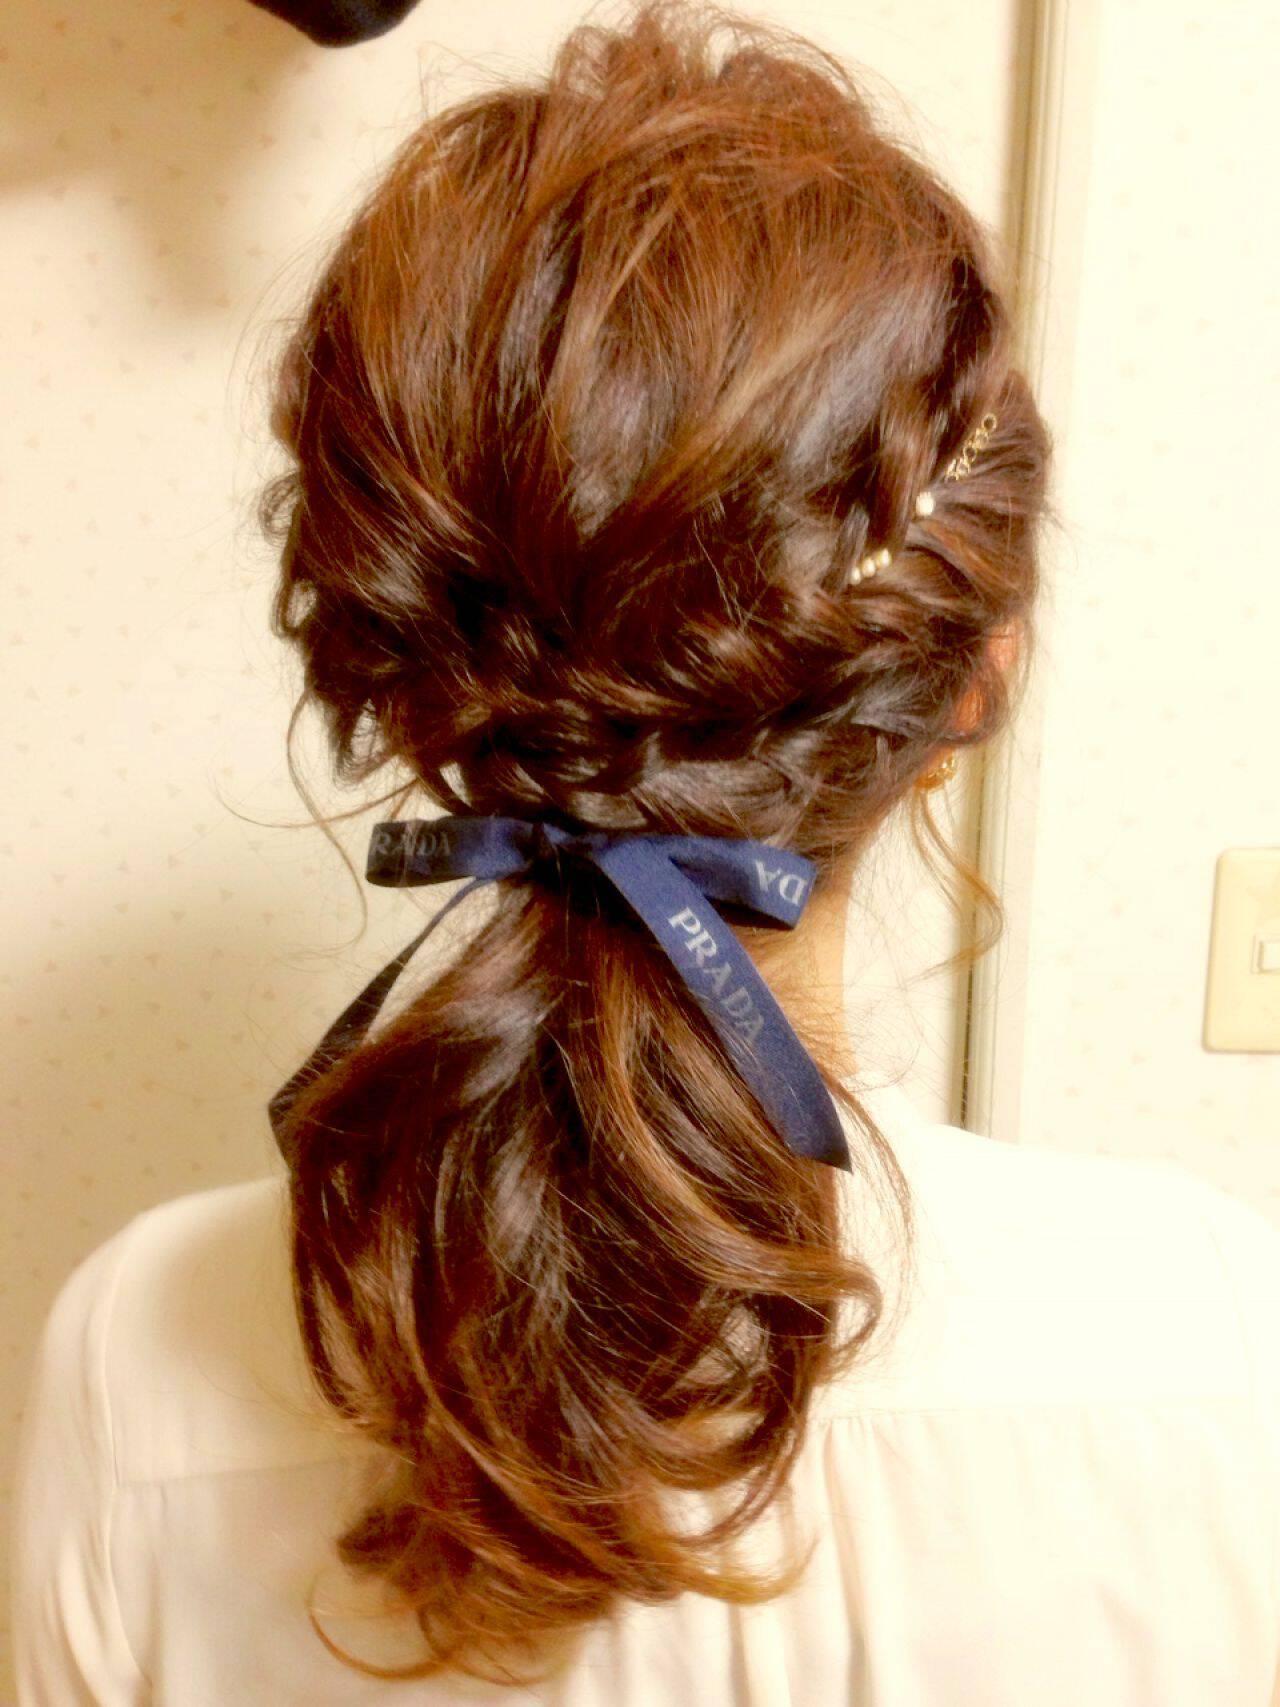 ナチュラル 編み込み 大人かわいい ヘアアレンジヘアスタイルや髪型の写真・画像